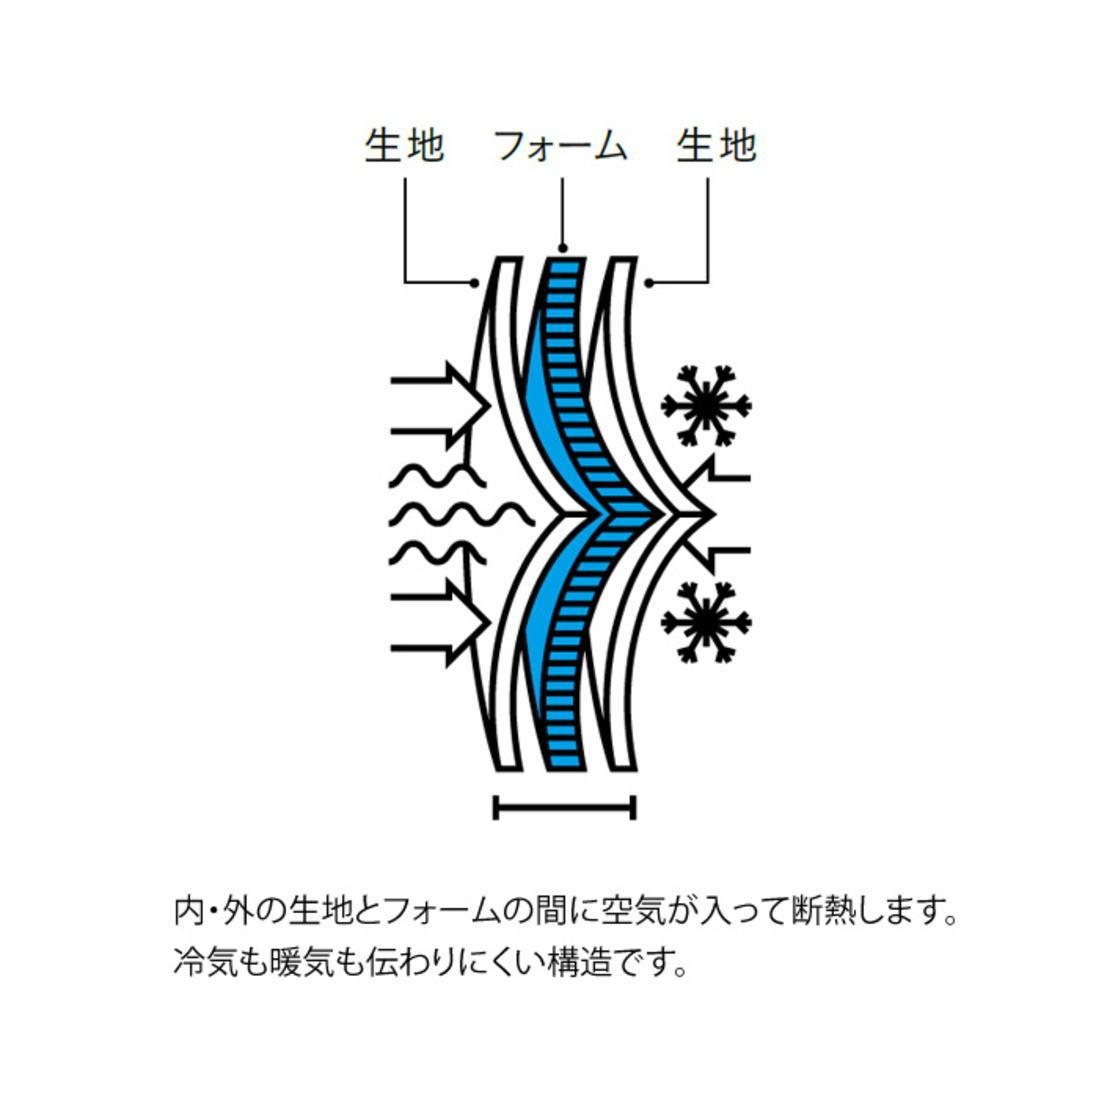 アイスミュール プロクーラーXL 33L 防水 保冷 保温バックソフトクーラー ドライバック リュック カモ プロ  国内正規品